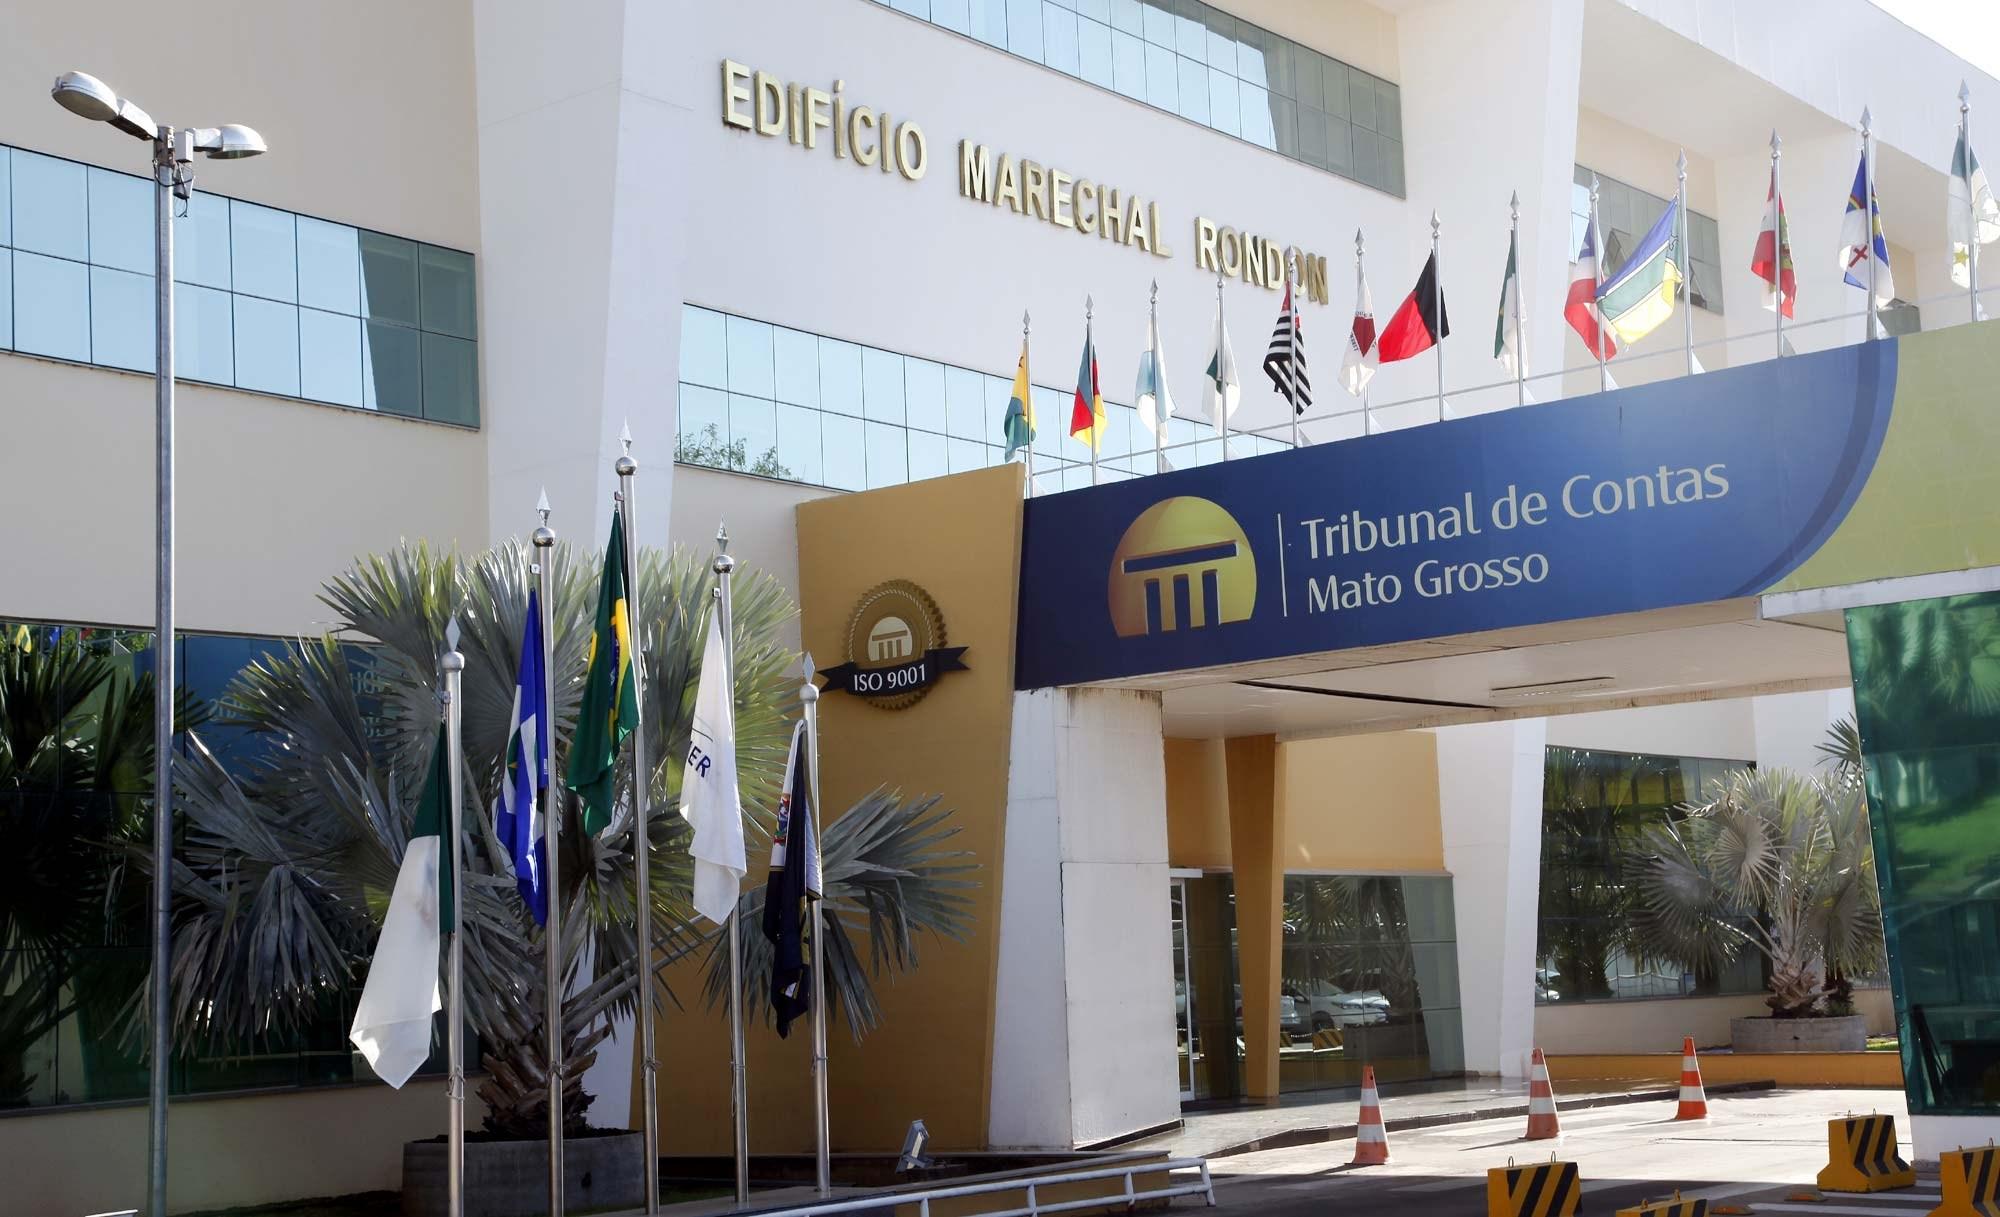 Ex-prefeito terá que pagar multa por irregularidades em execução de convênio